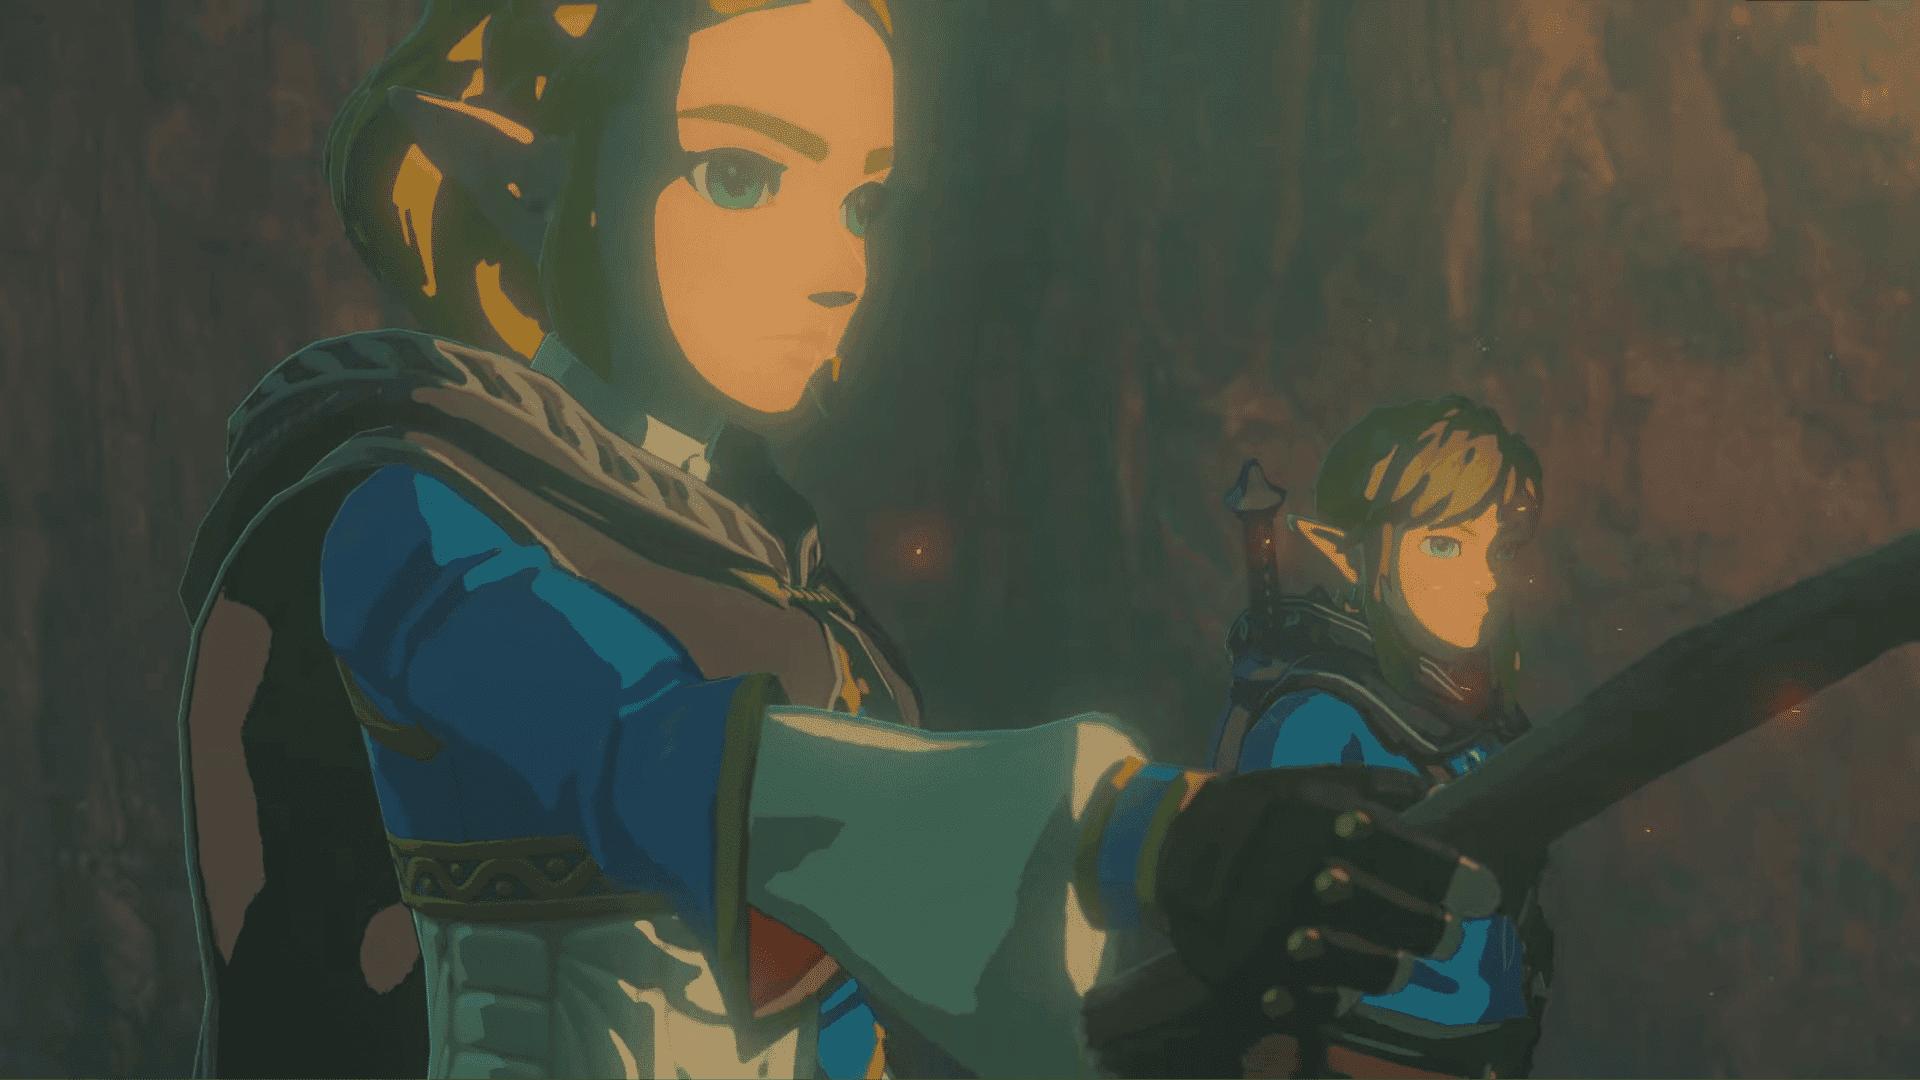 ¿Aparecerá Zelda: Breath of the Wild 2 en el Nintendo Direct del E3 2021? Indicios en contra y a favor